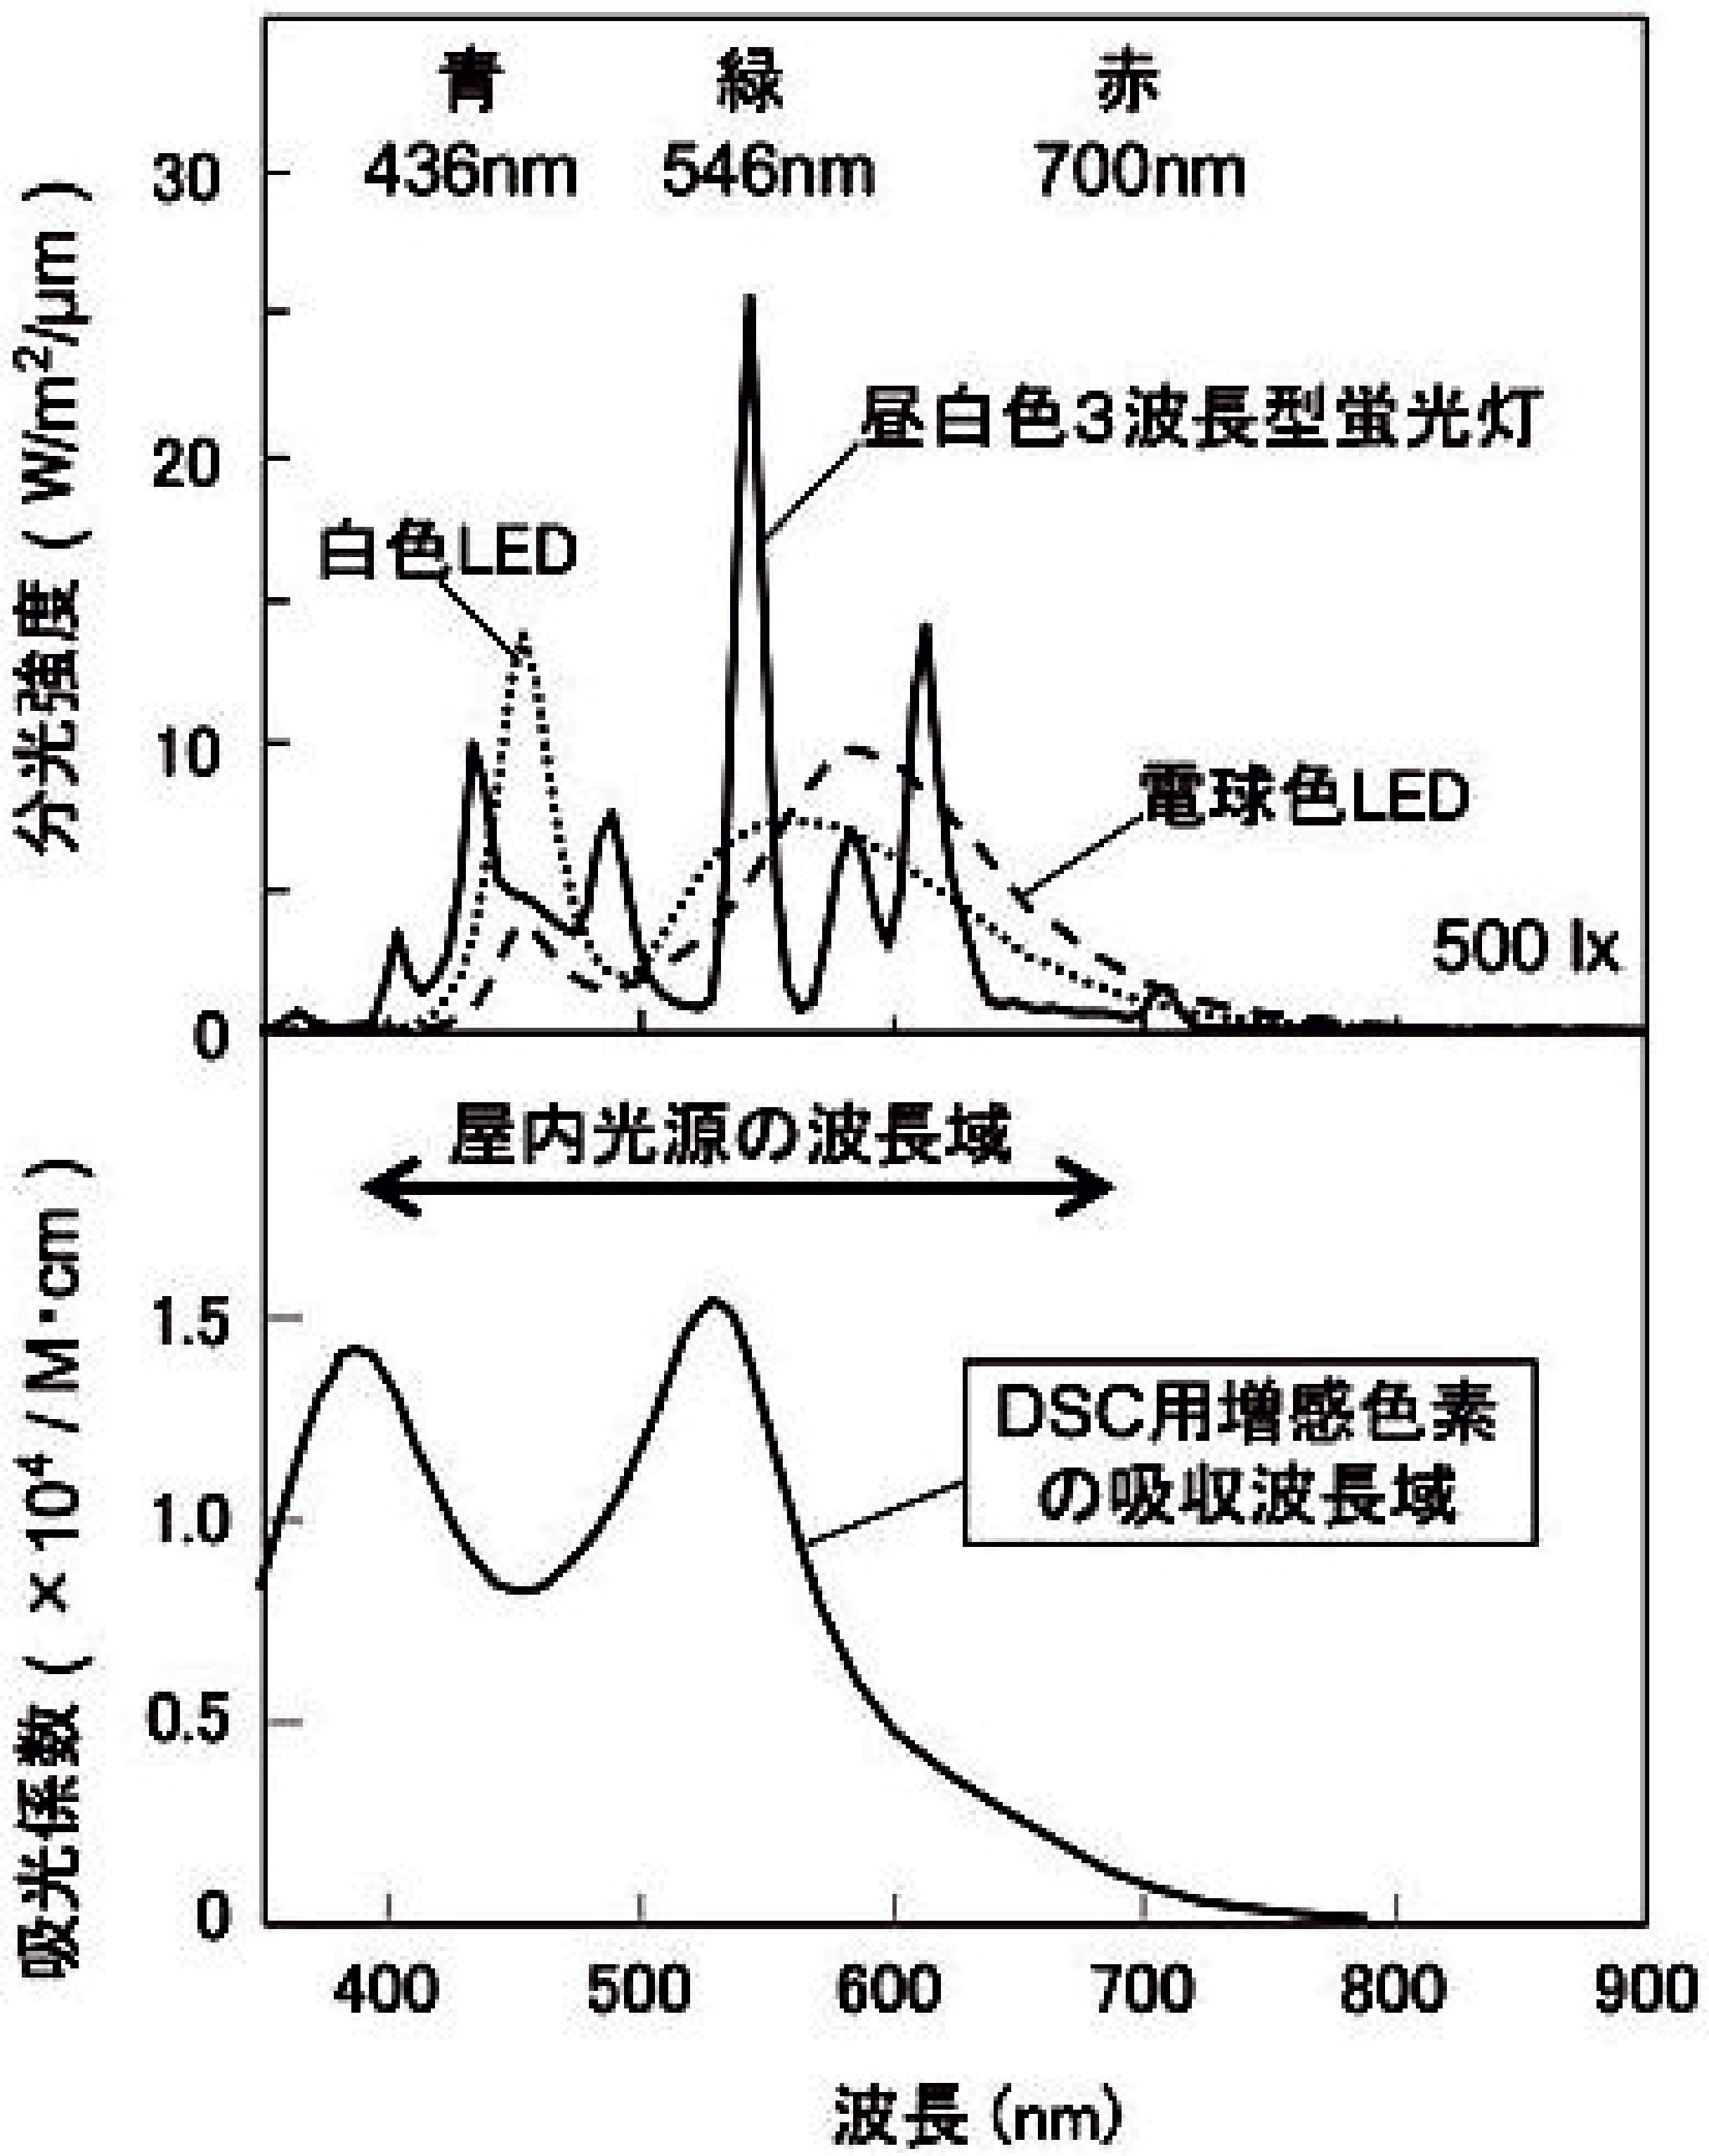 (図1)各種500lx光源の分光照射強度と、DSC増感色素の吸収波長特性(株式会社フジクラ提供)